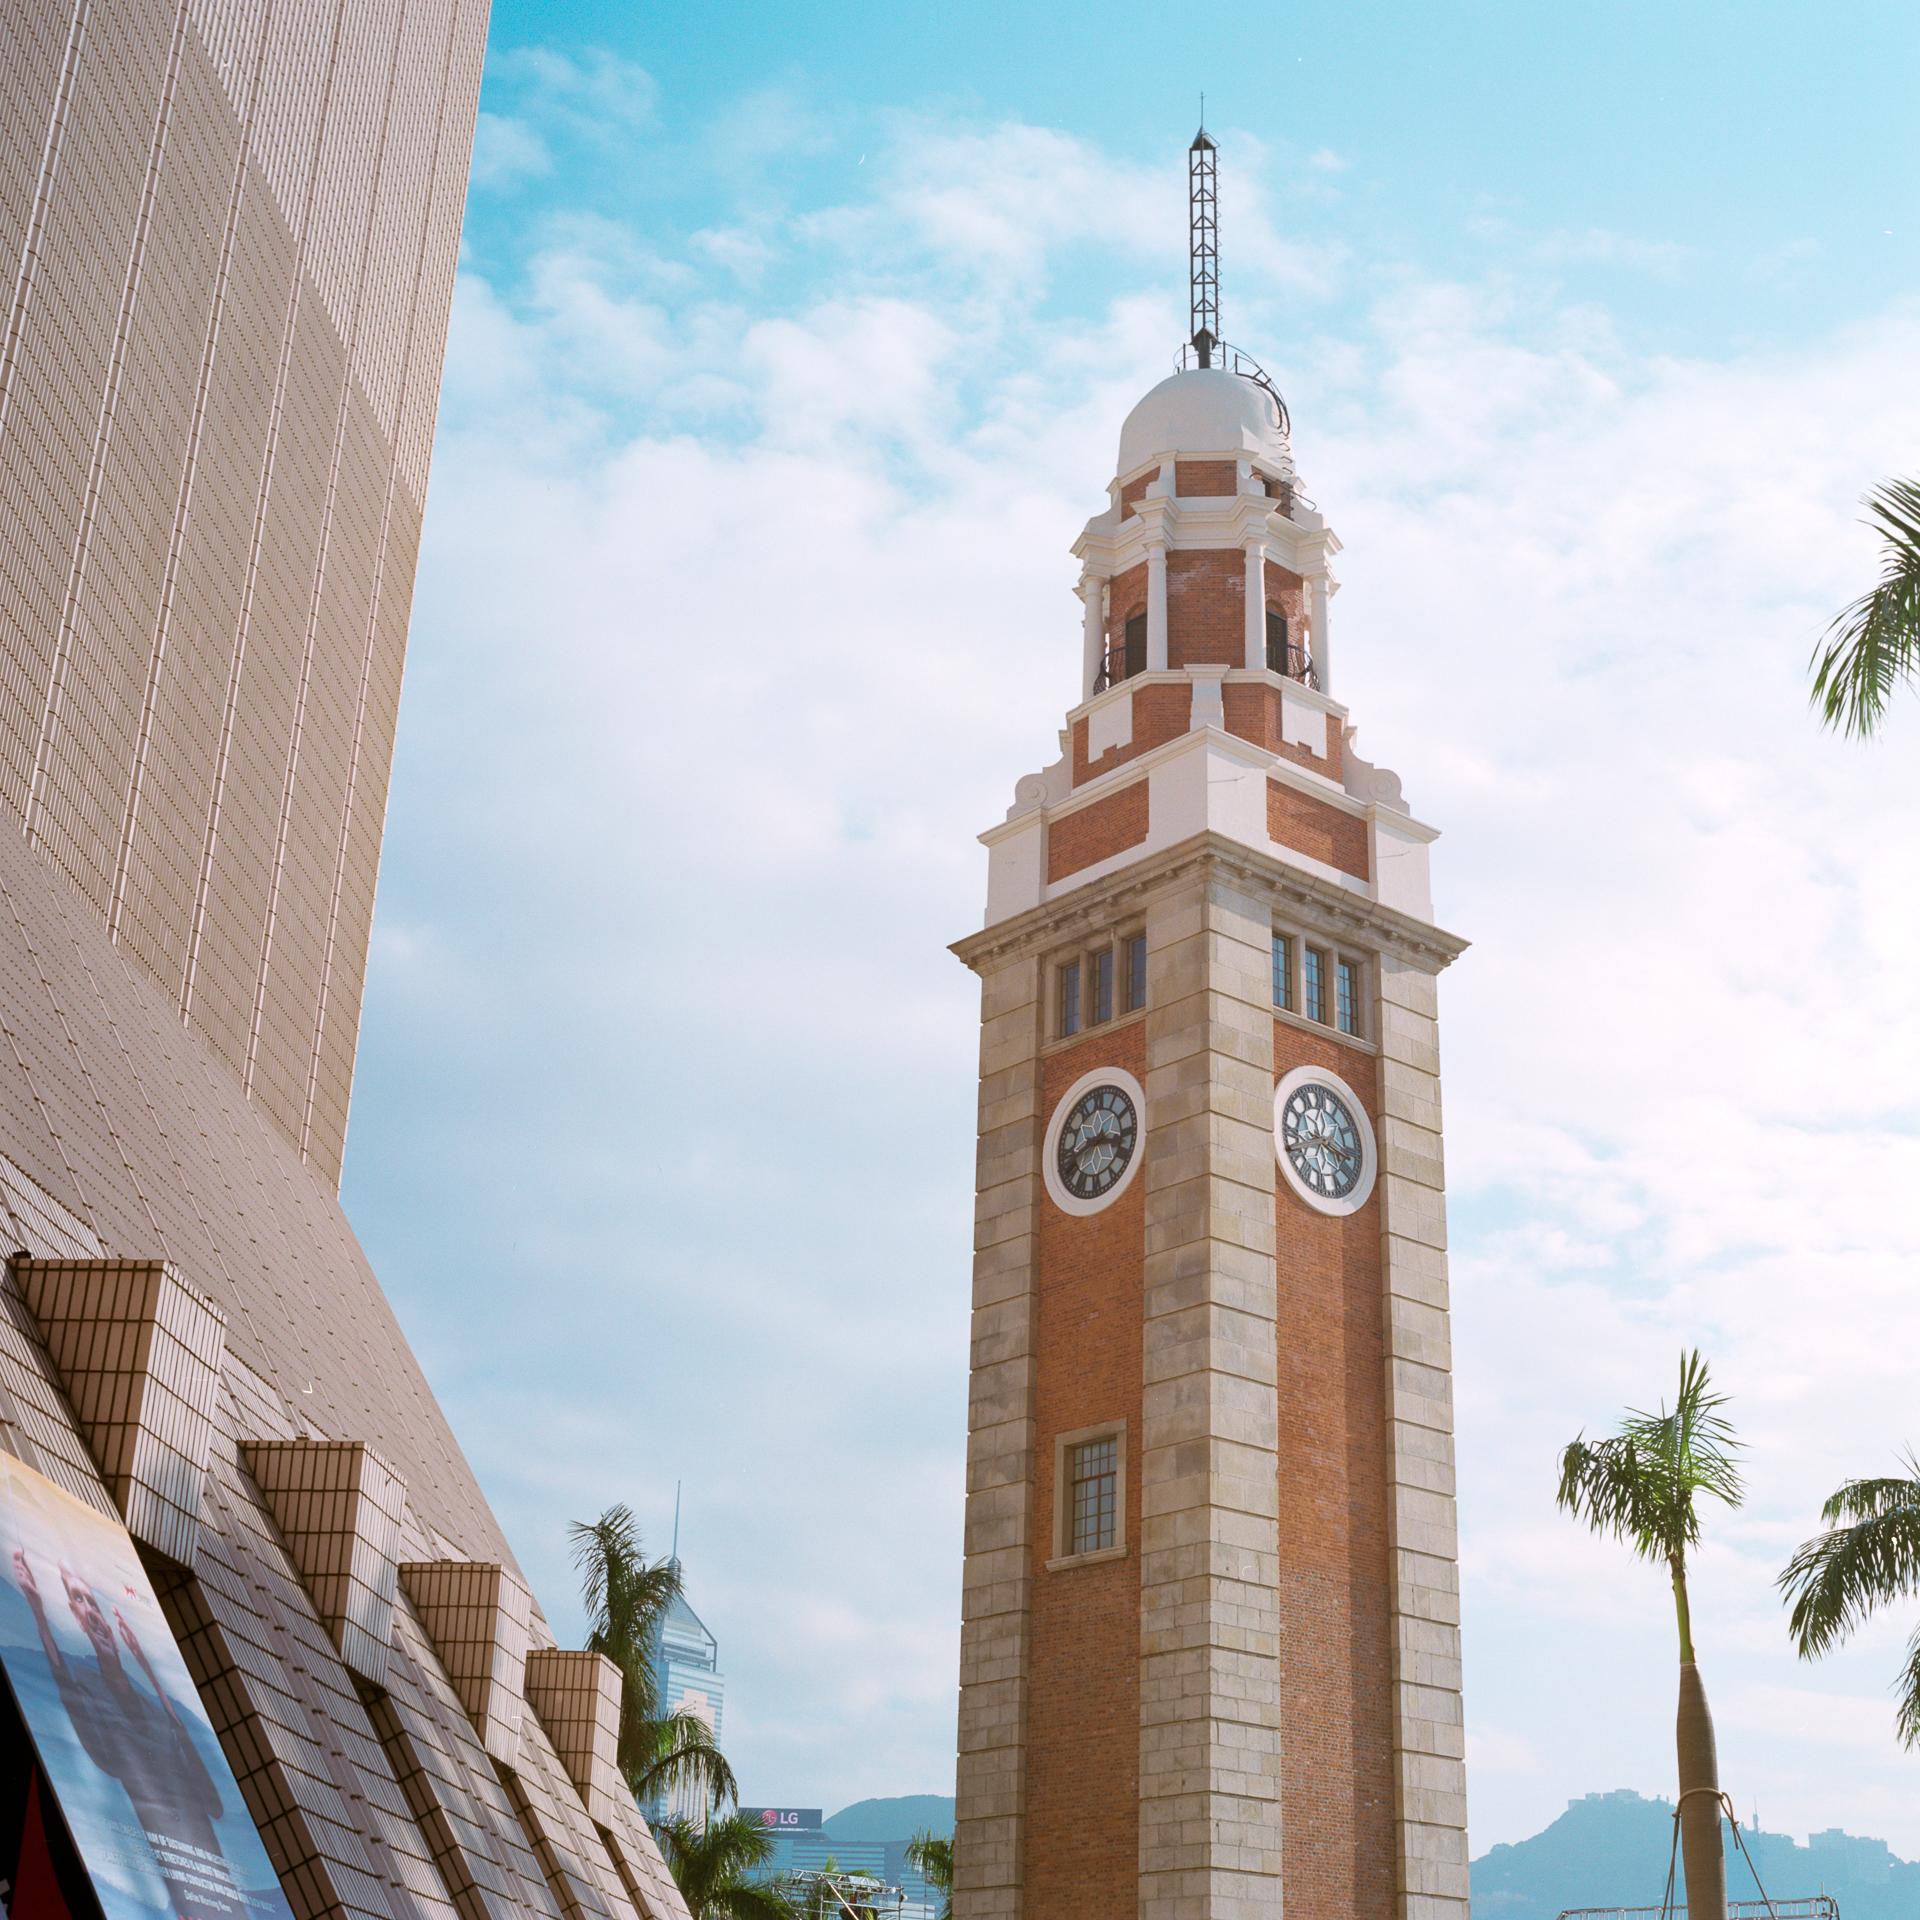 Kowloon Railway Clock